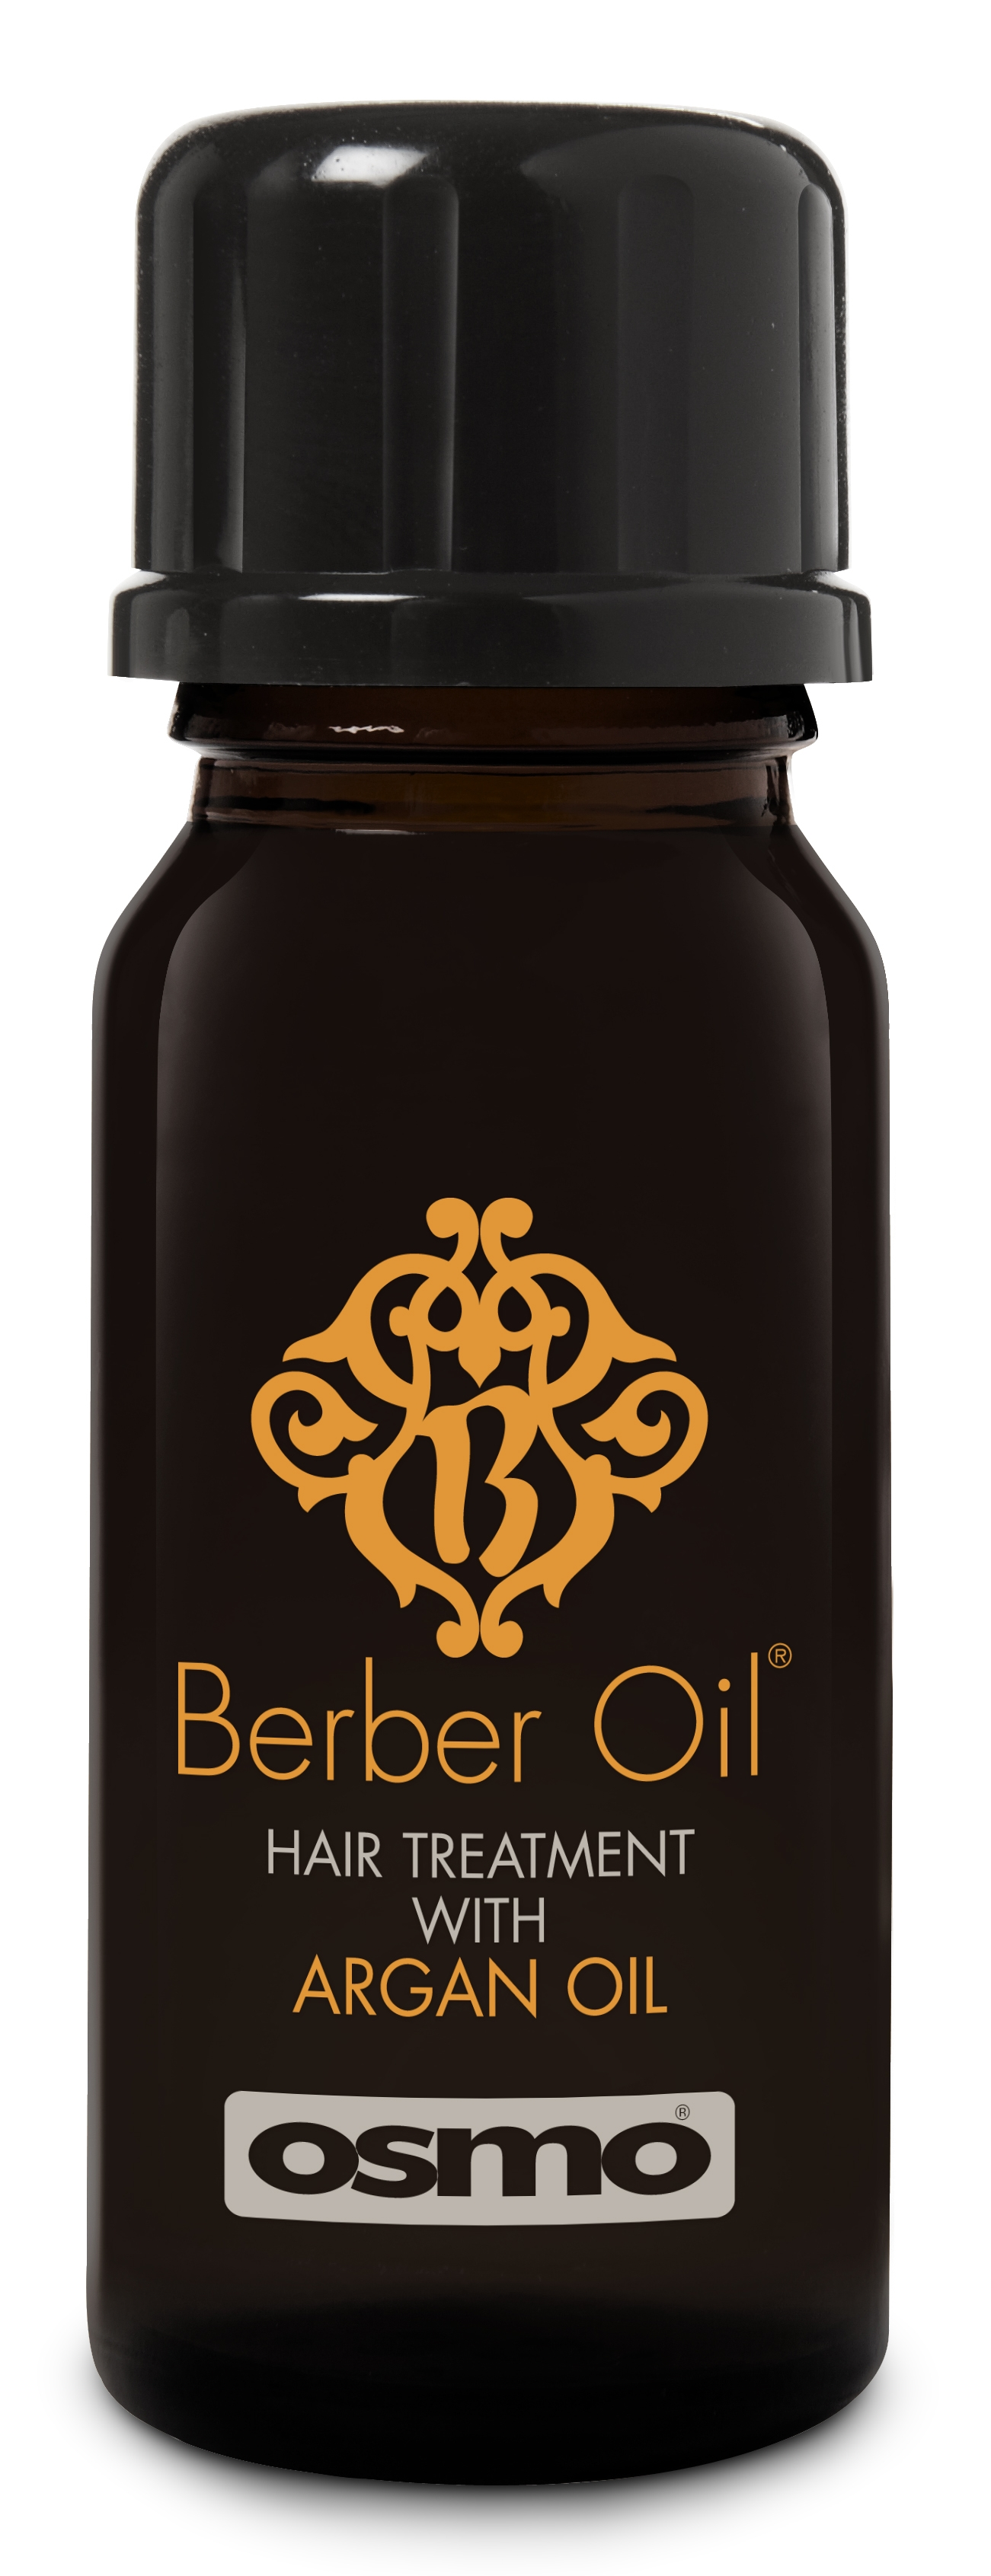 OSMO Масло восстановление и лечение Берберское масло / The Berber Oil Collection 10мл